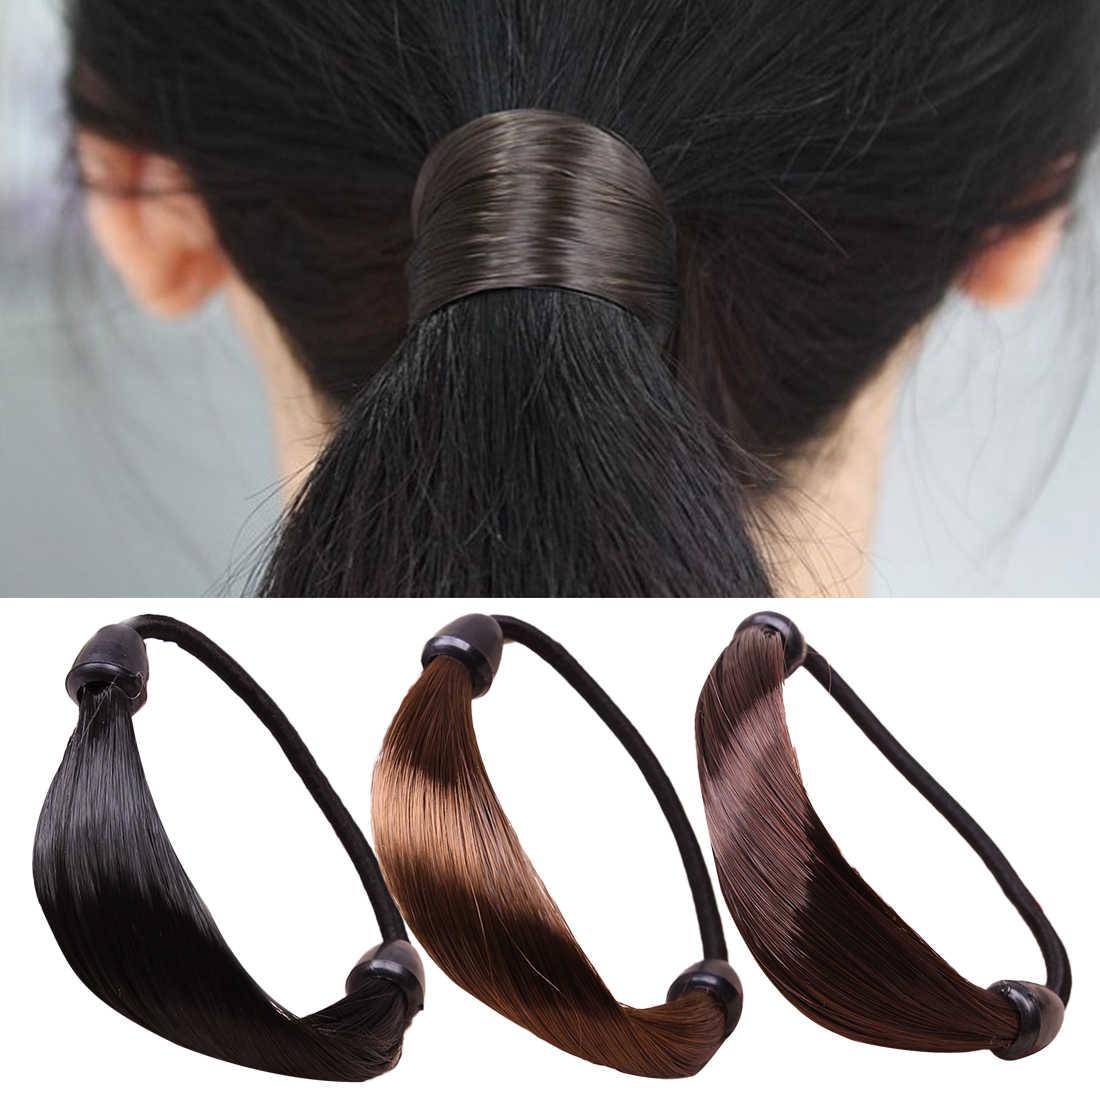 Круг ручной твист эластичный парик резинки для волос повязка на голову веревка кольцо аксессуары для волос для женщин резинки девушка приспособления для кос